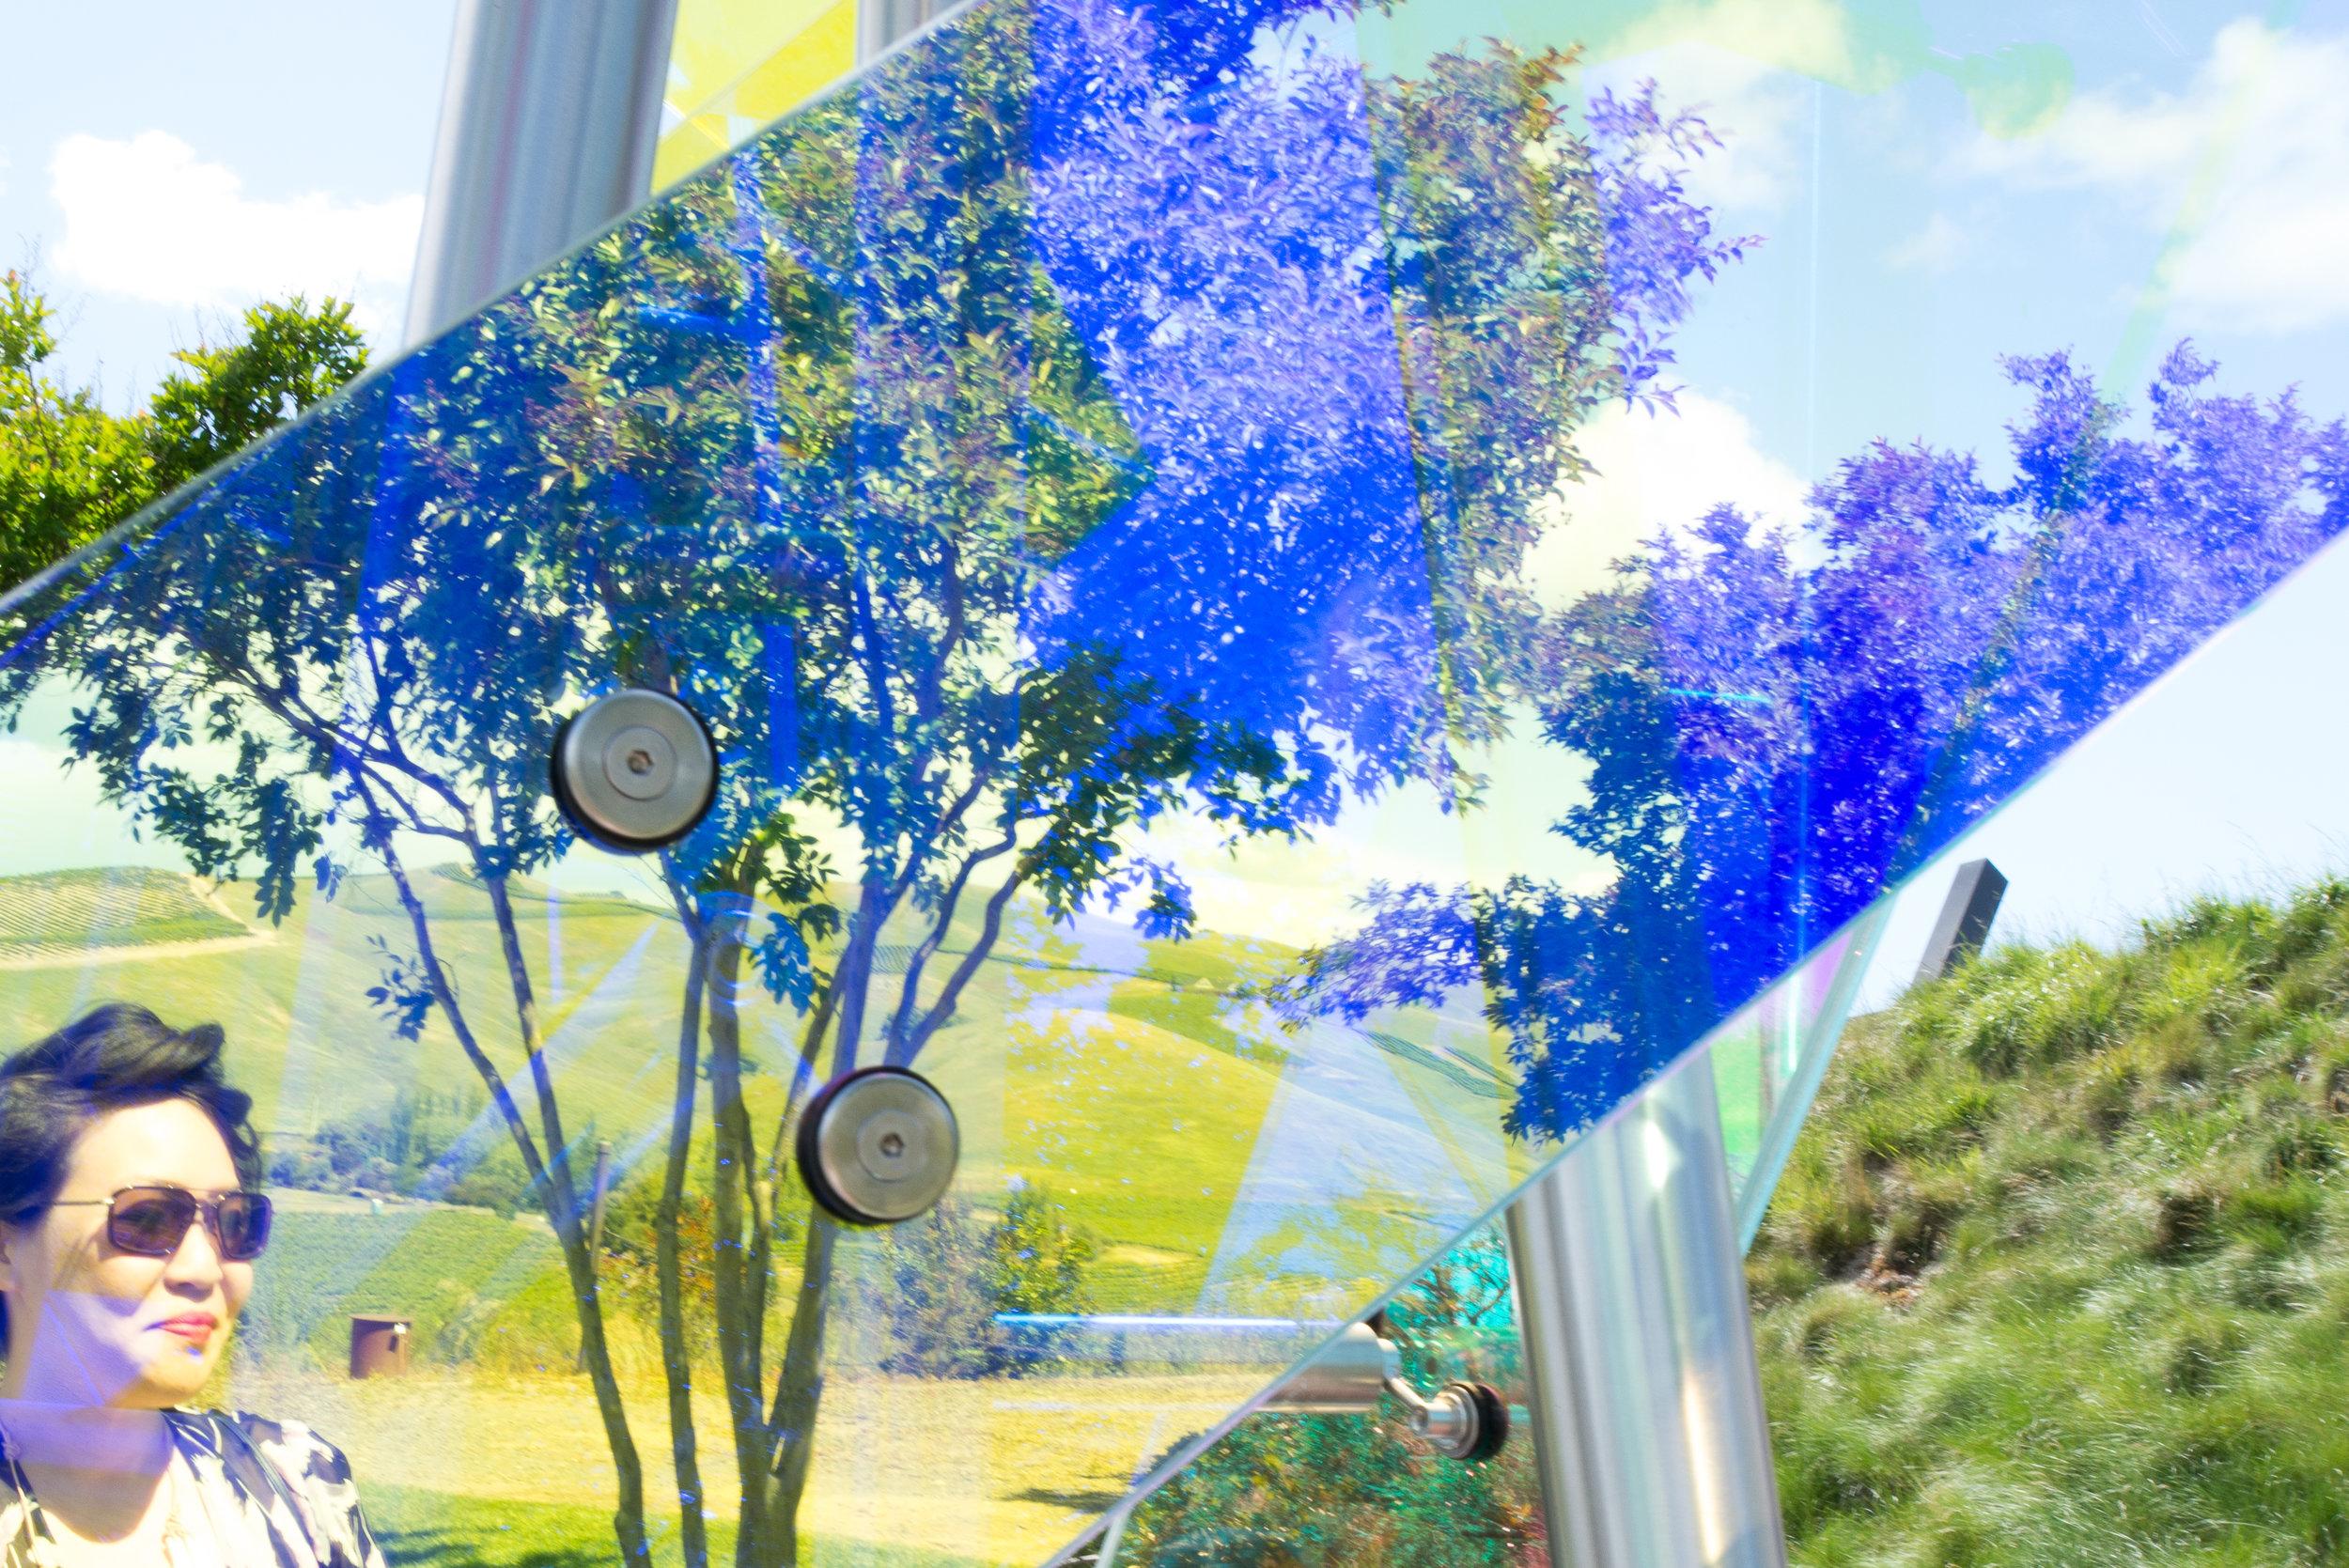 glasser_13970560540_o.jpg